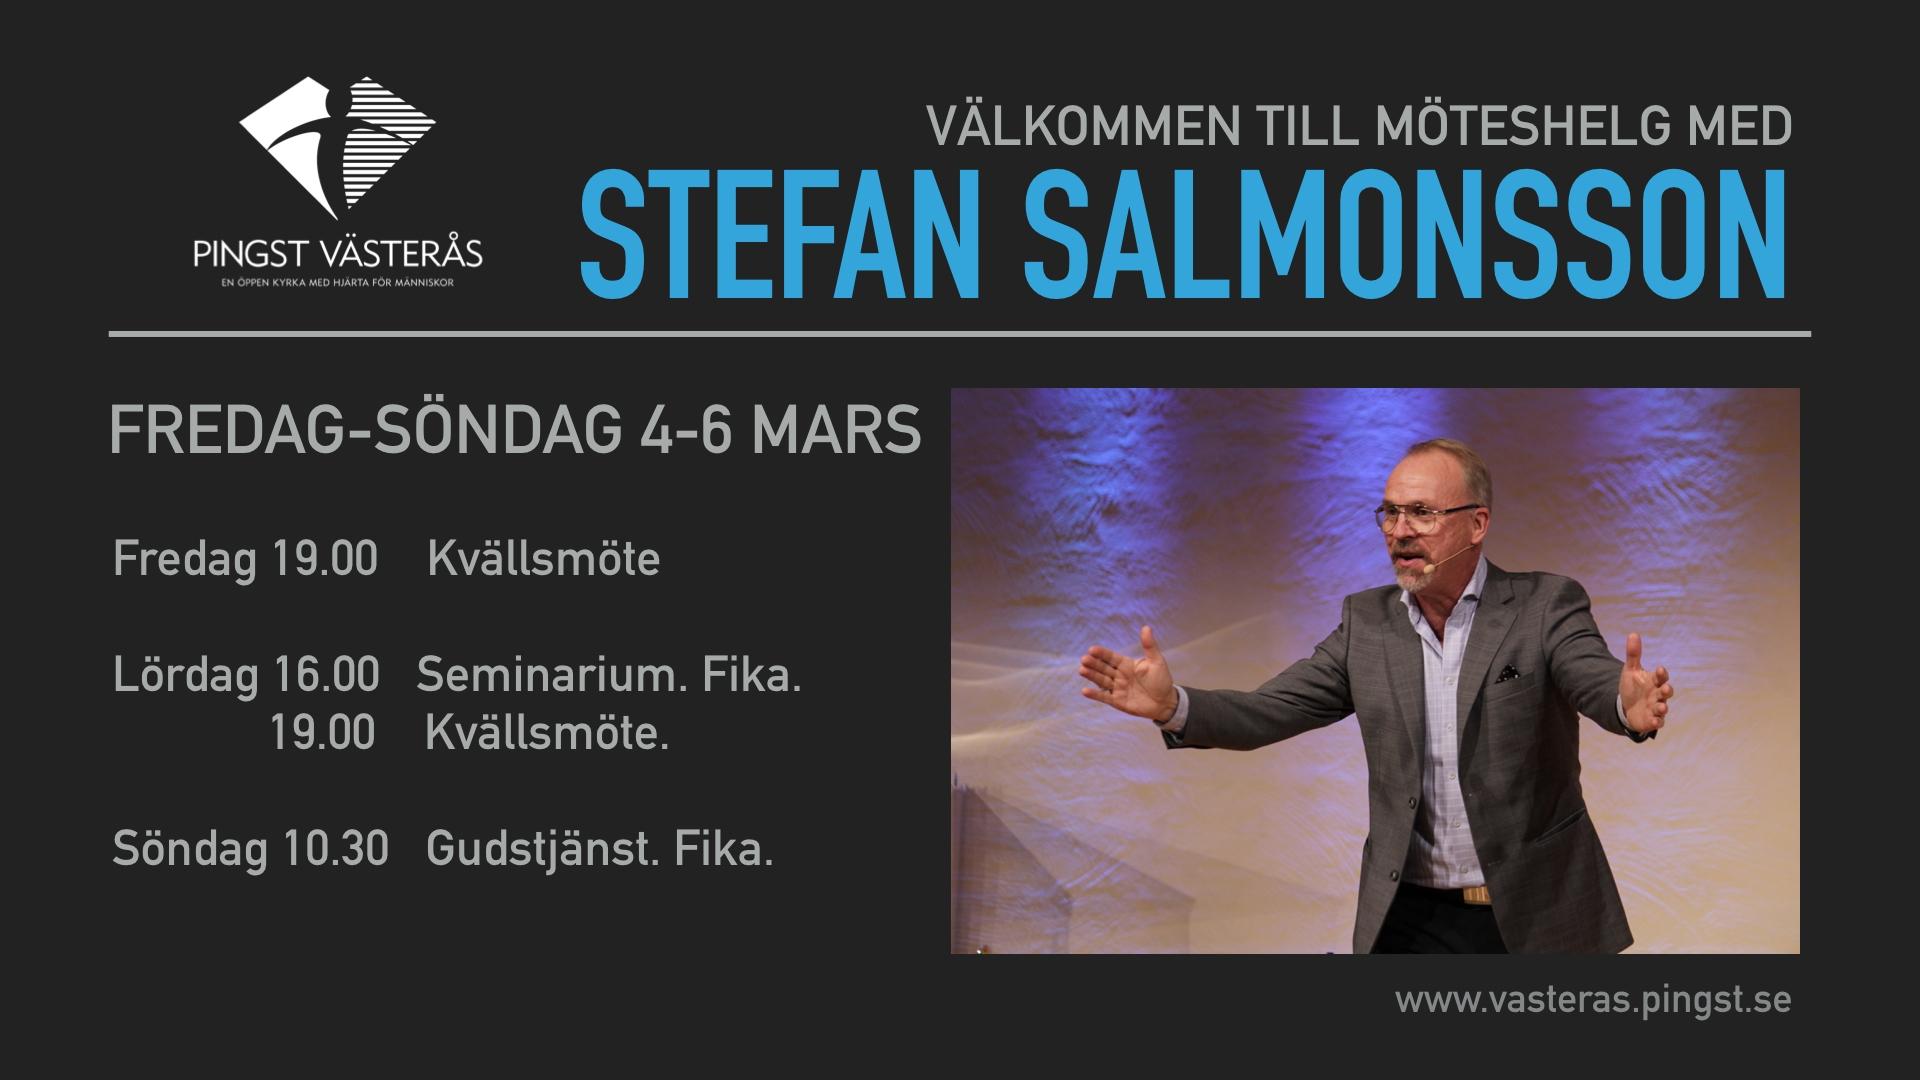 Välkommen till en möteshelg med Stefan Salmonsson! 4-6 mars, fri entré